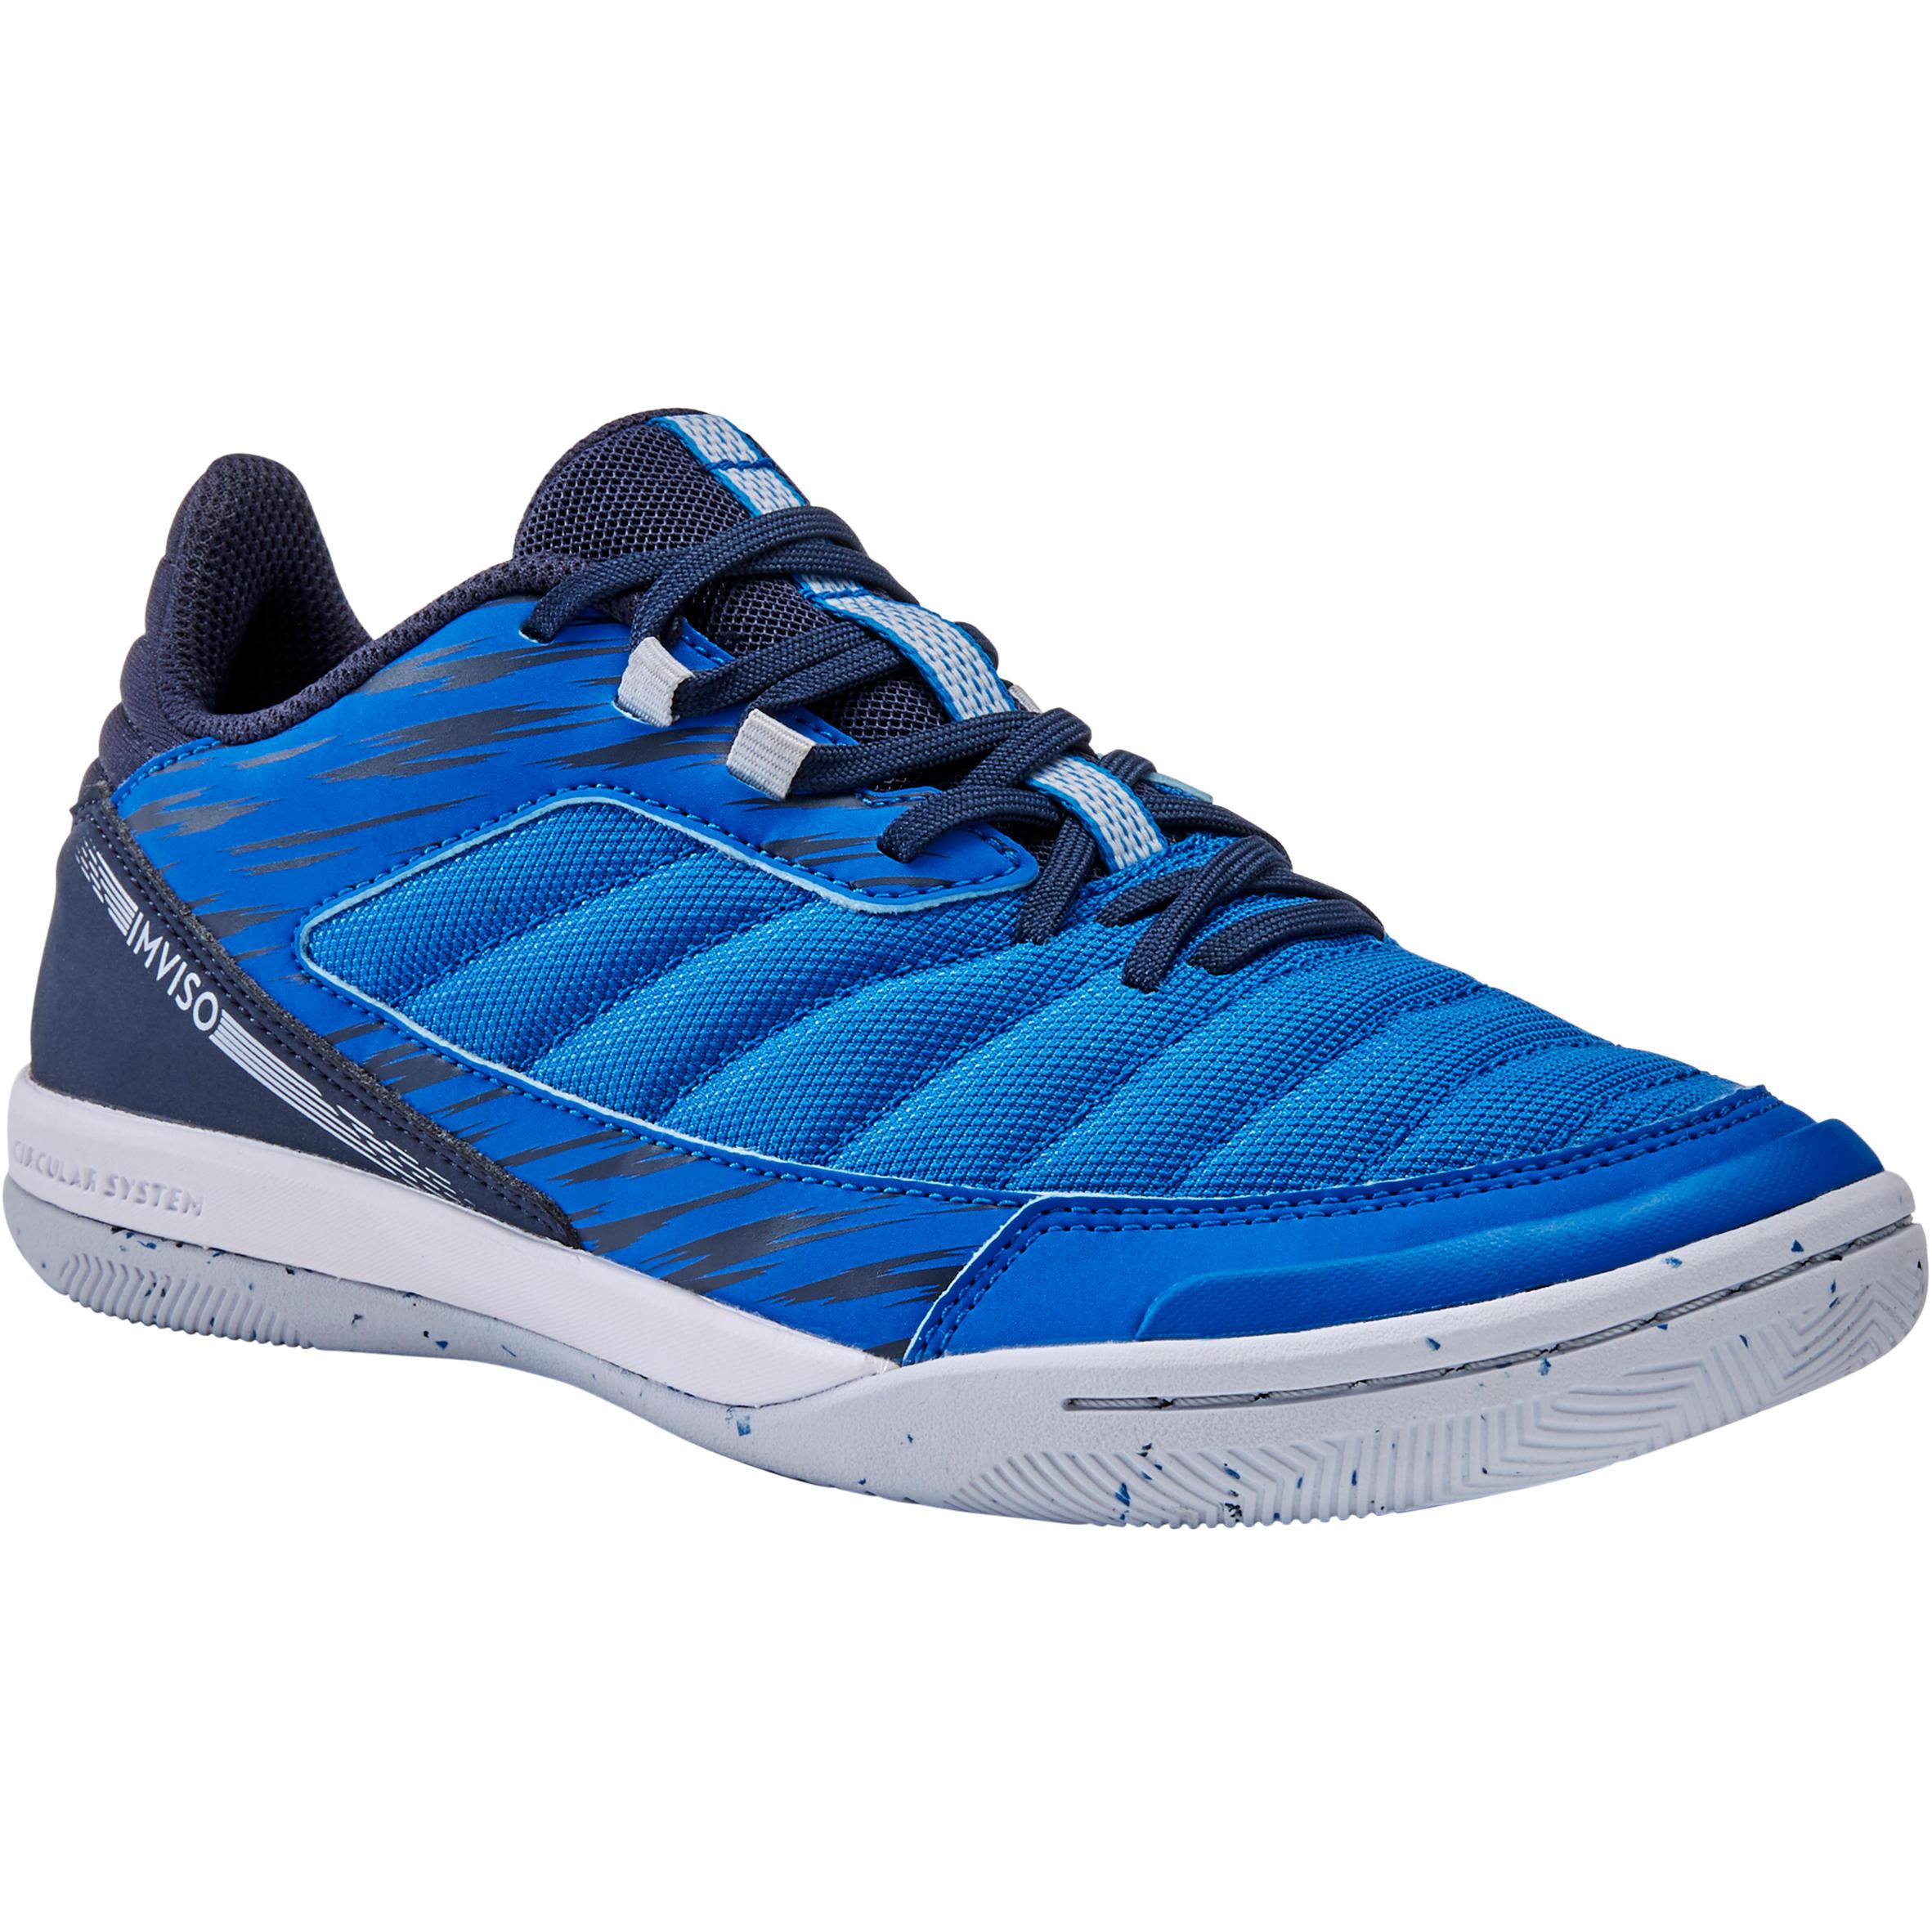 Hallenschuhe Futsal Eskudo 500 IN Damen blau   Schuhe > Sportschuhe > Hallenschuhe   Imviso